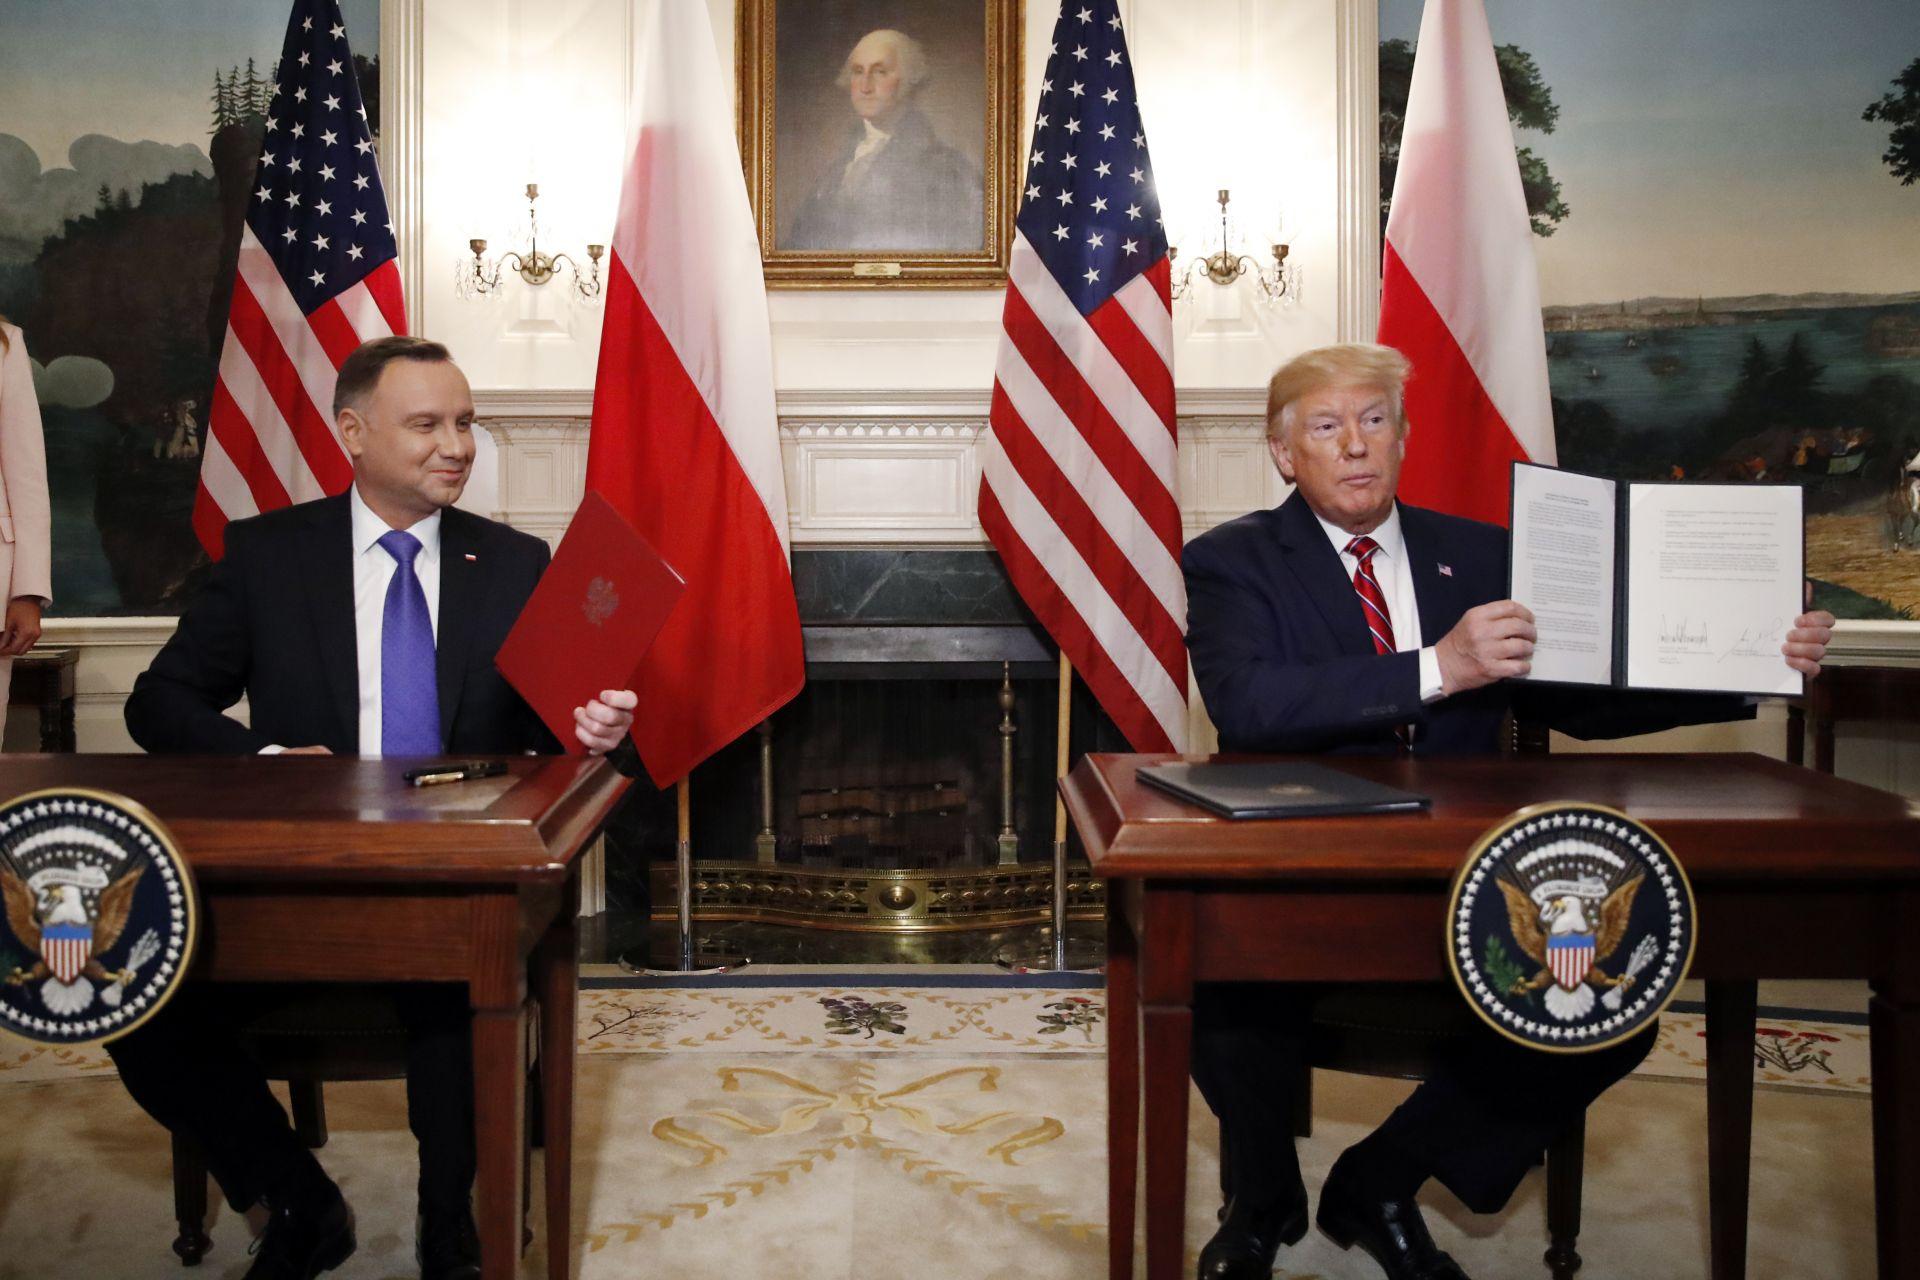 САЩ и Полша са подписали съвместна декларация за сътрудничество в сферата на отбраната